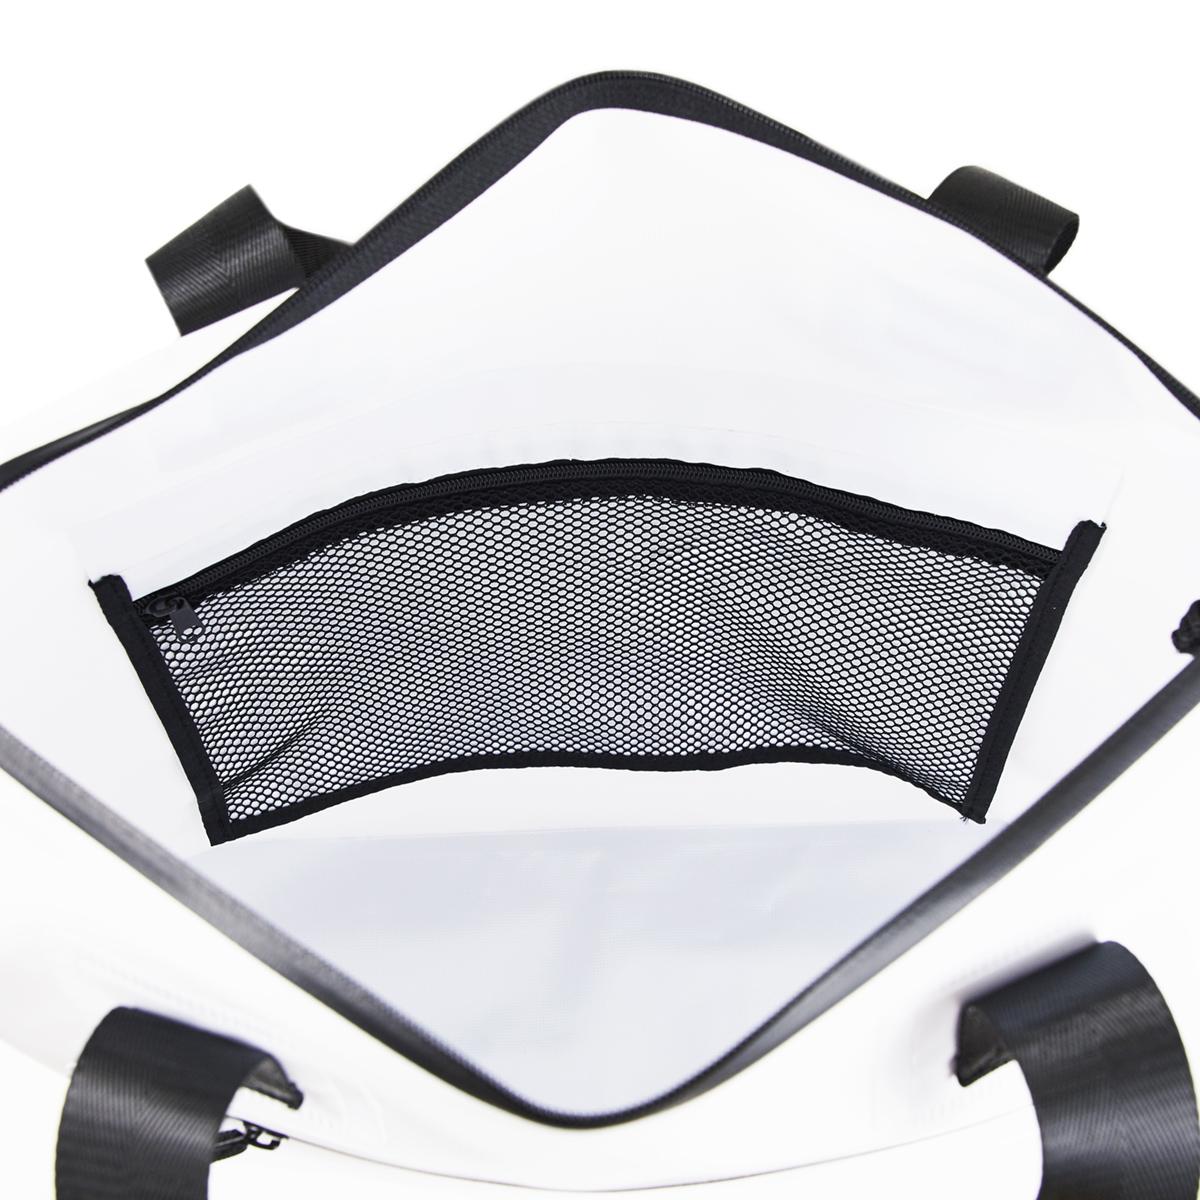 防水性のスタイリッシュなデザインのトートバッグ ポケット